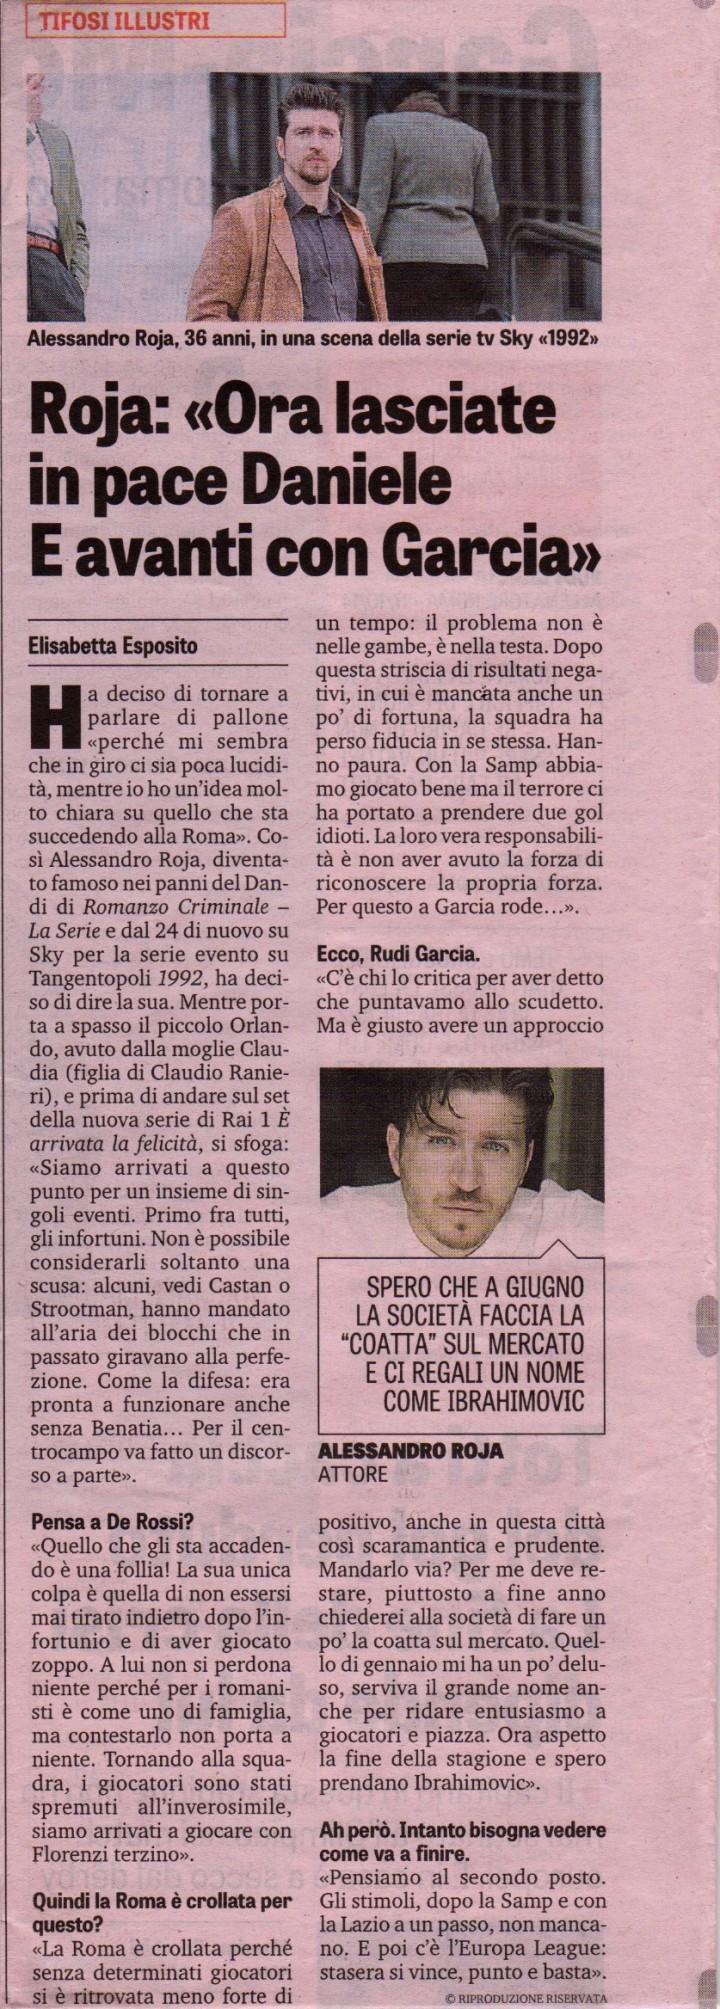 ALESSANDRO ROJA SU LA GAZZETTA DELLO SPORT